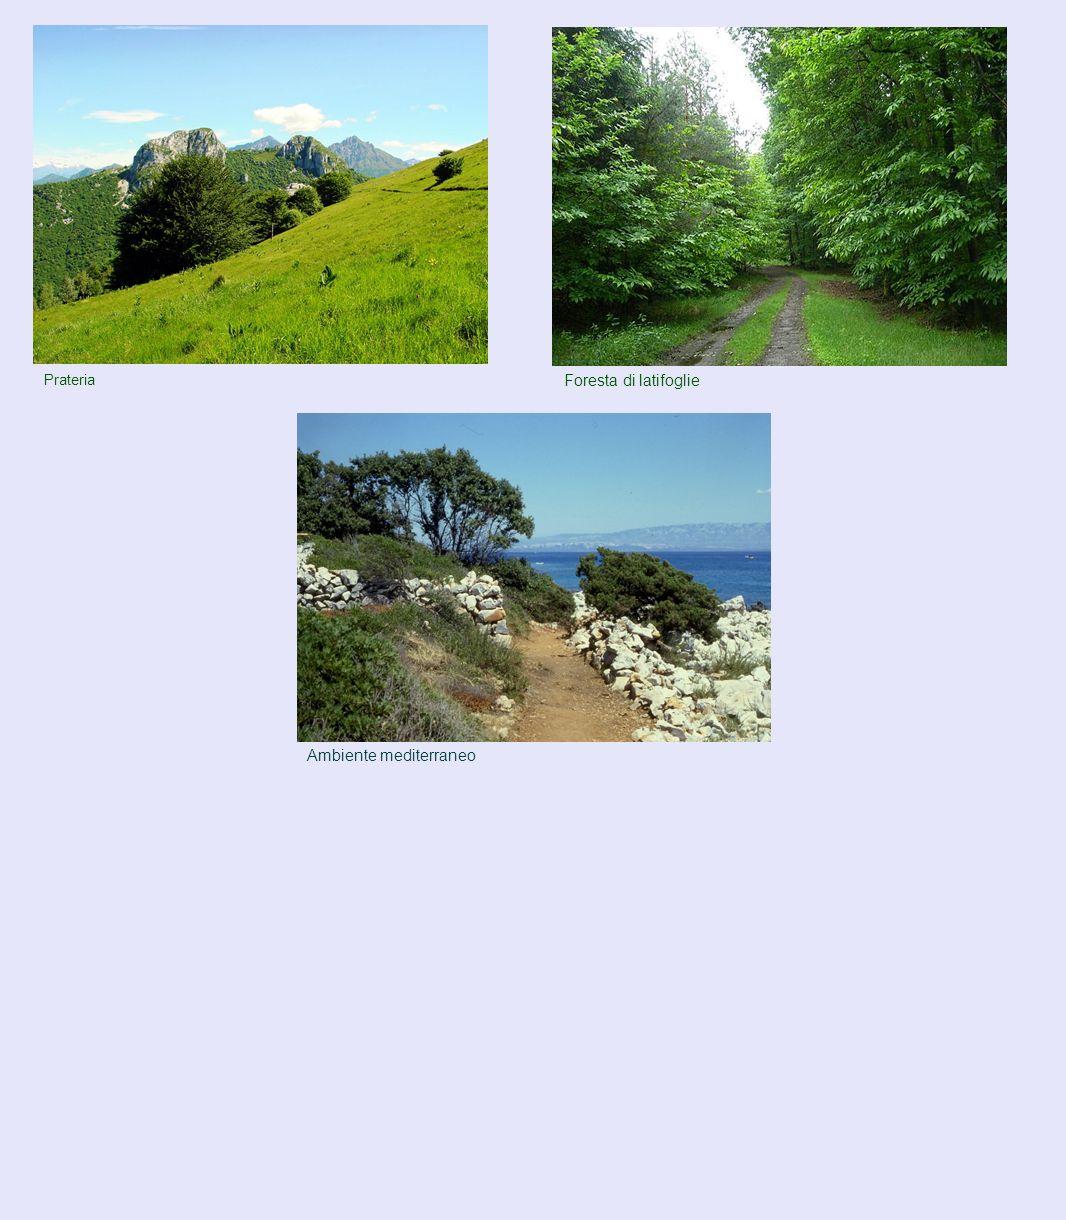 Prateria Foresta di latifoglie Ambiente mediterraneo